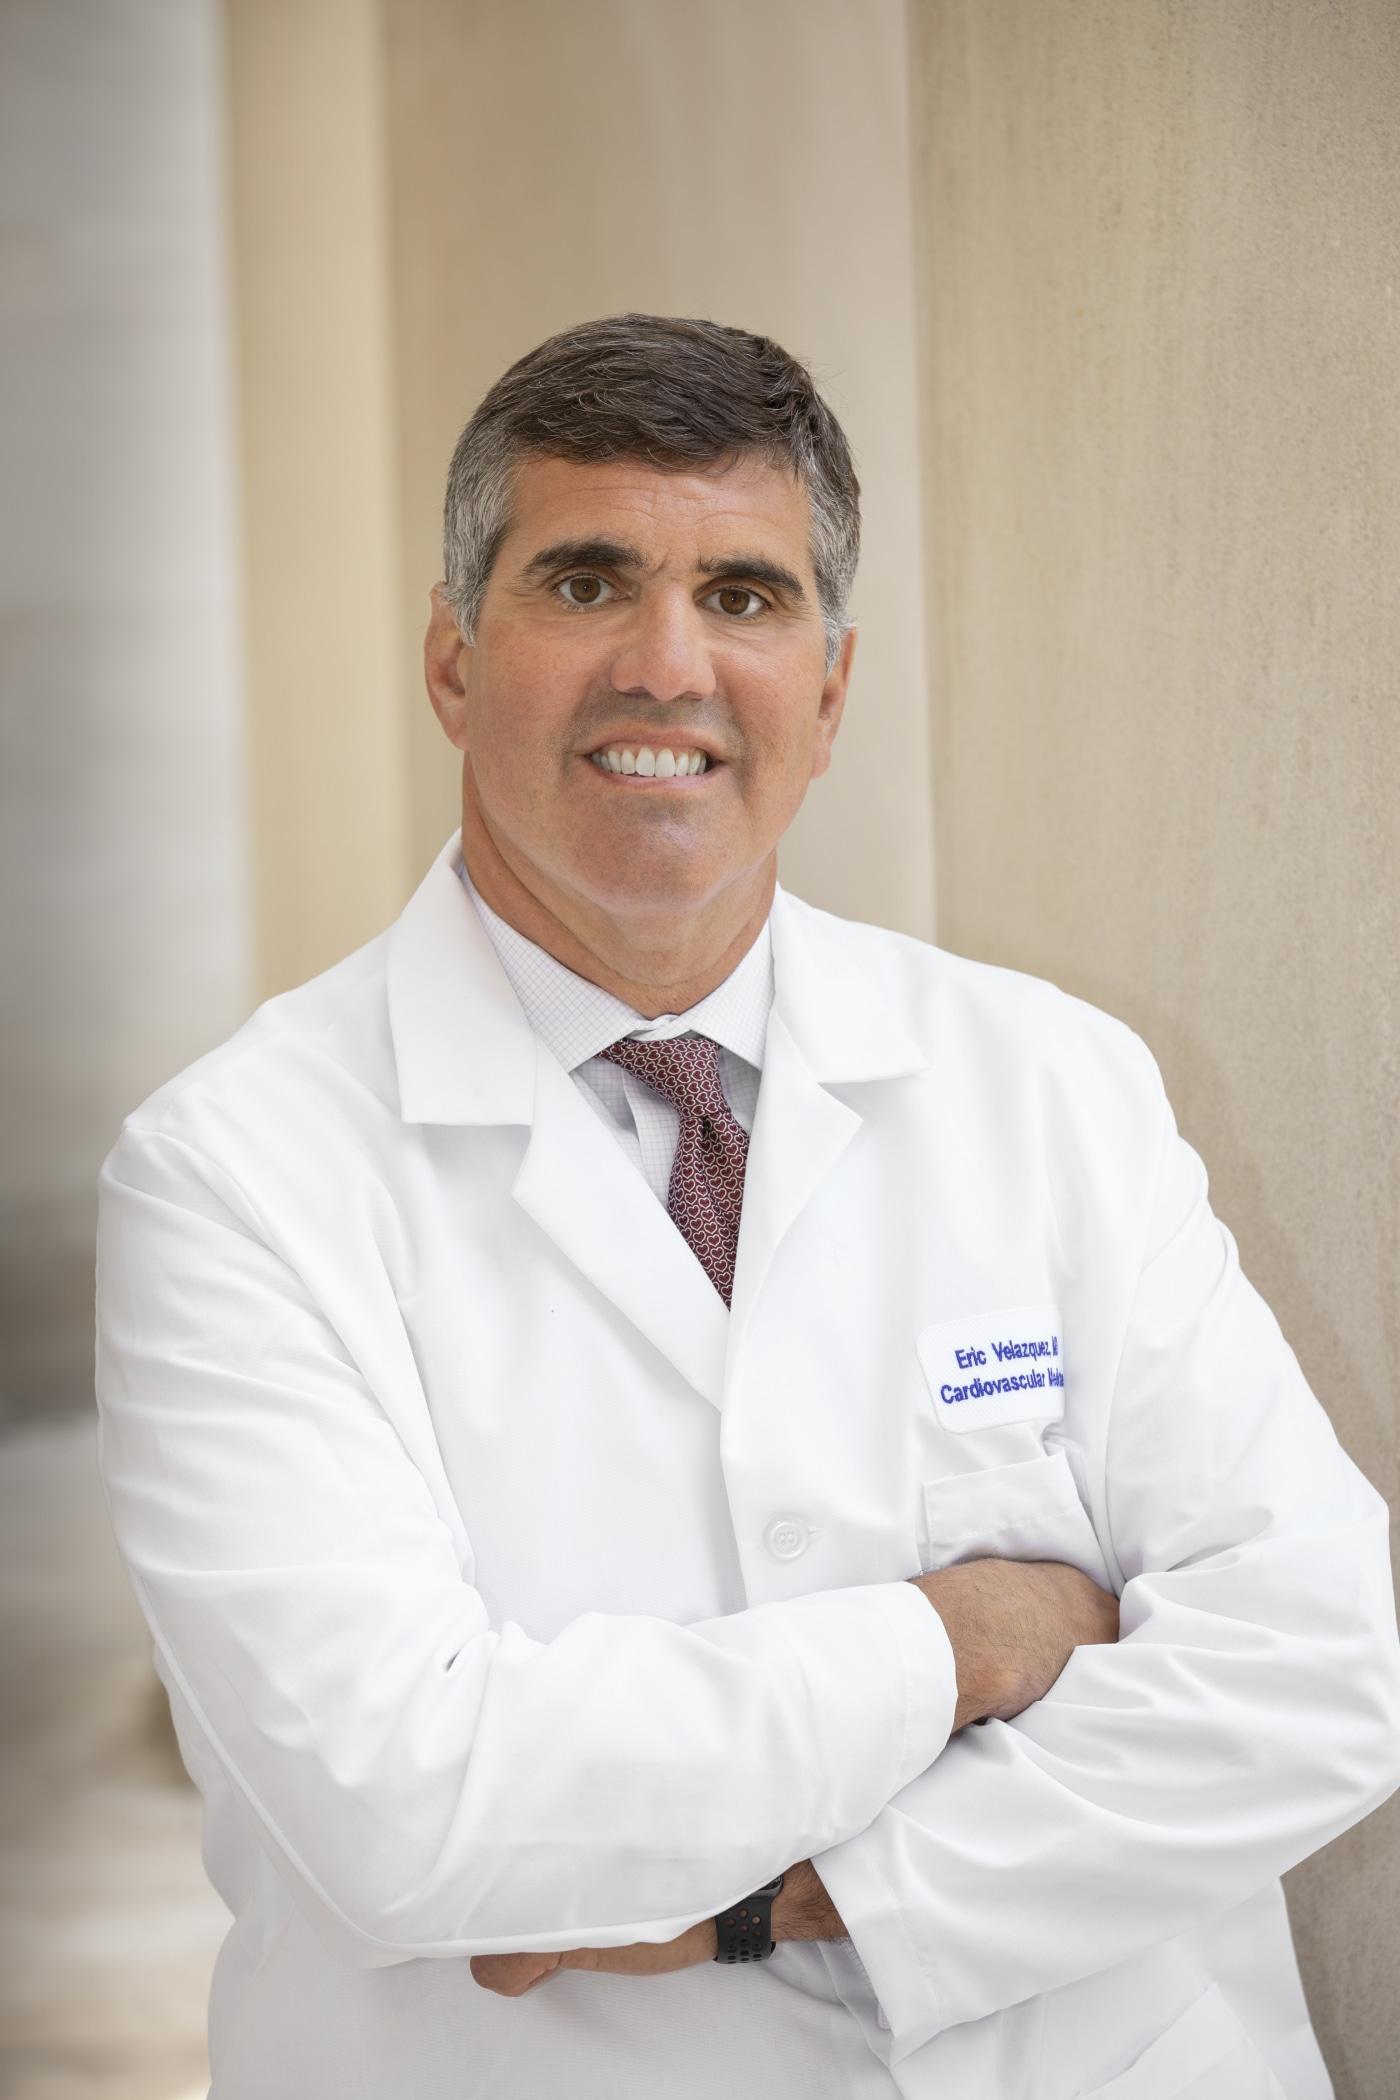 Eric J. Velazquez, MD